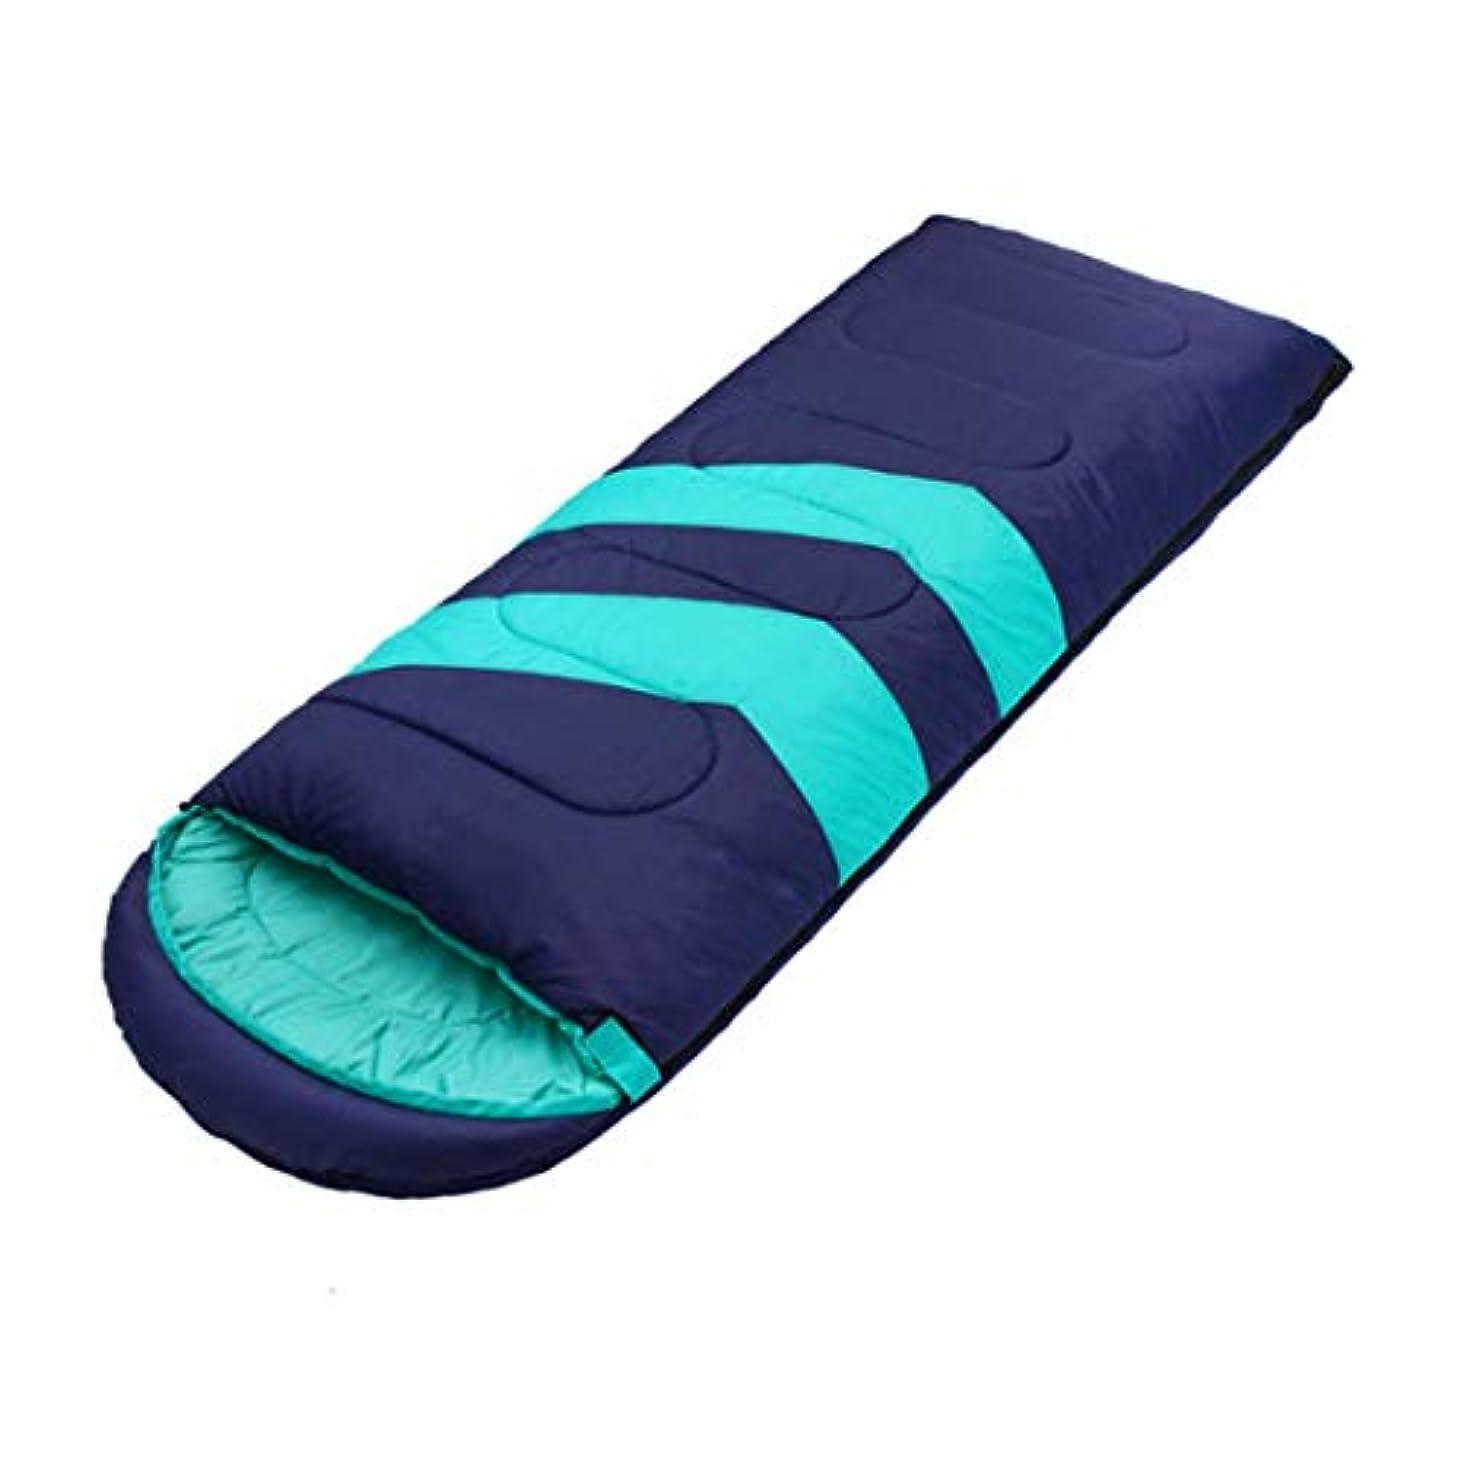 偽装する関係ない幸運寝袋屋外キャンプハイキングランチ休憩暖かい寝袋、大人の子供の普遍的な寝袋